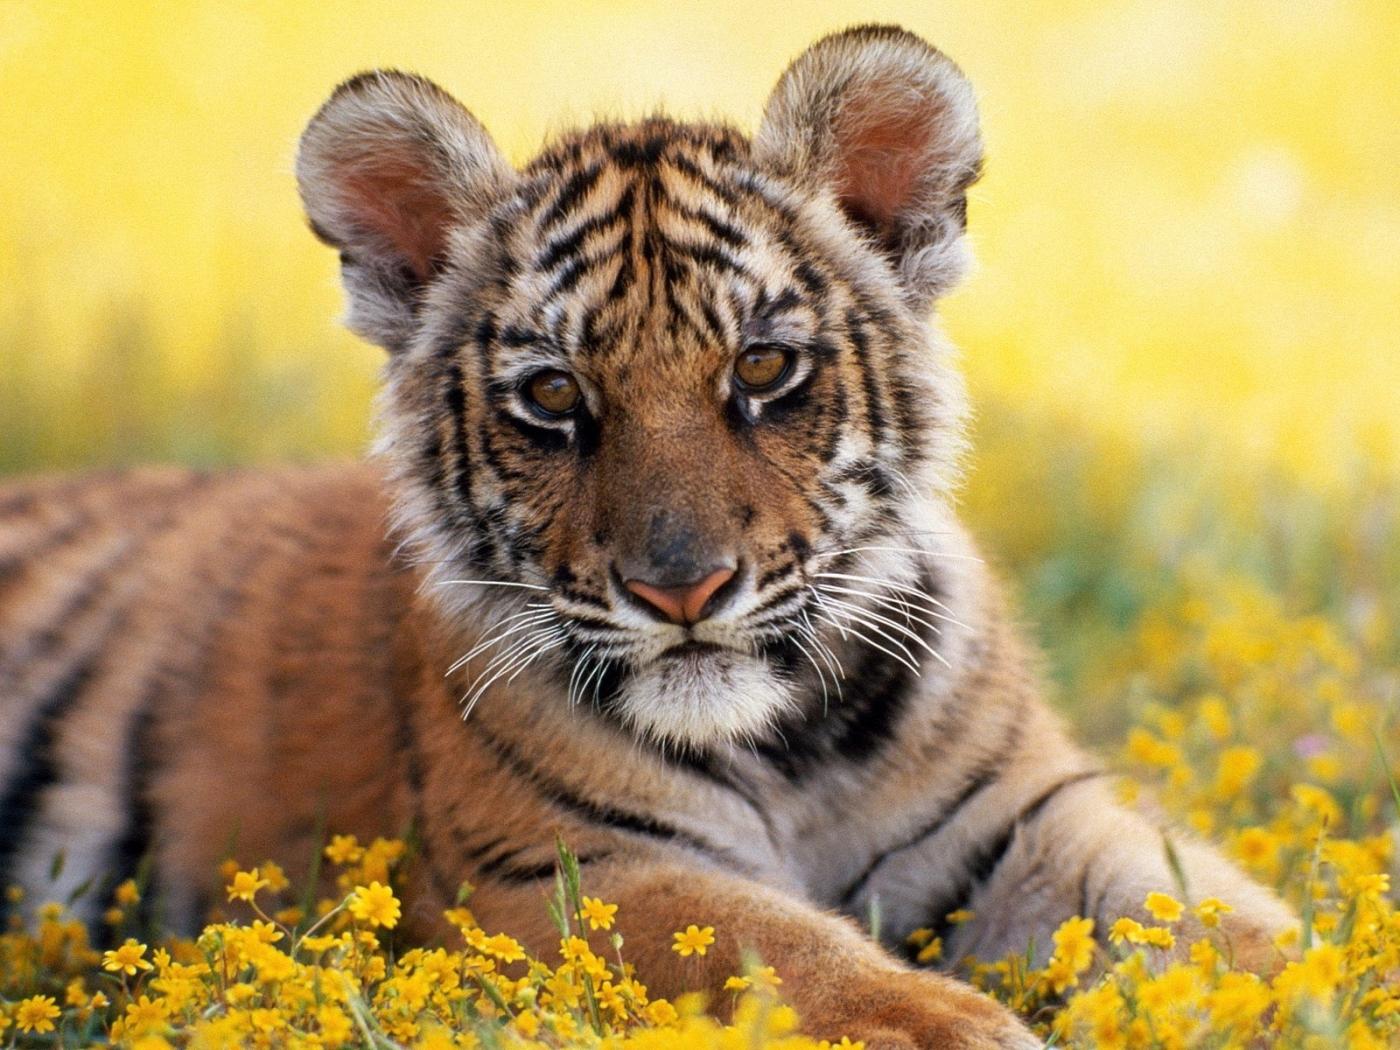 Handy-Wallpaper Tiere, Tigers kostenlos herunterladen.